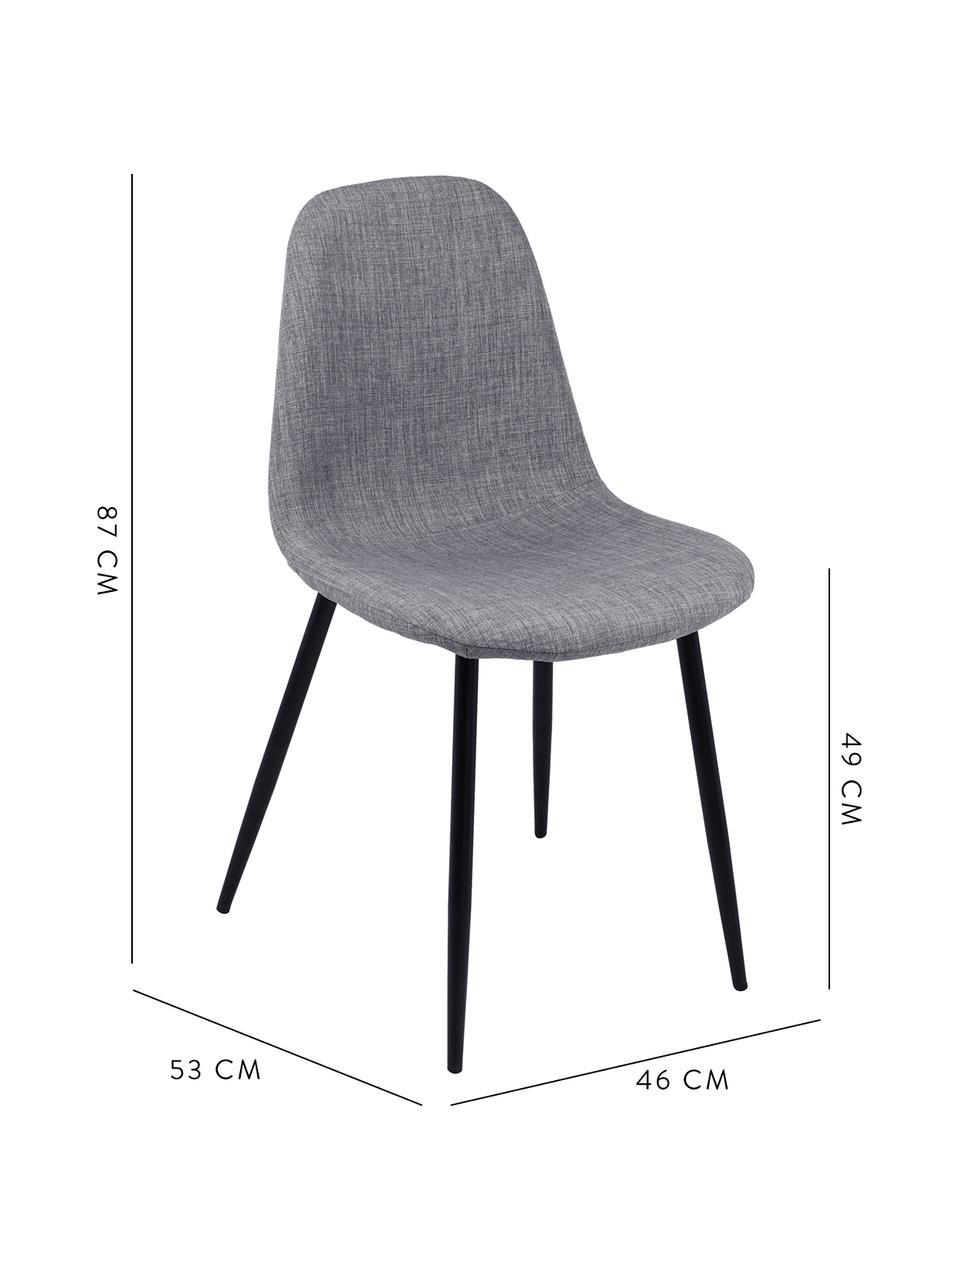 Krzesło tapicerowane Karla, 2 szt., Tapicerka: 100% poliester, Nogi: metal, Jasny szary, S 44 x G 53 cm